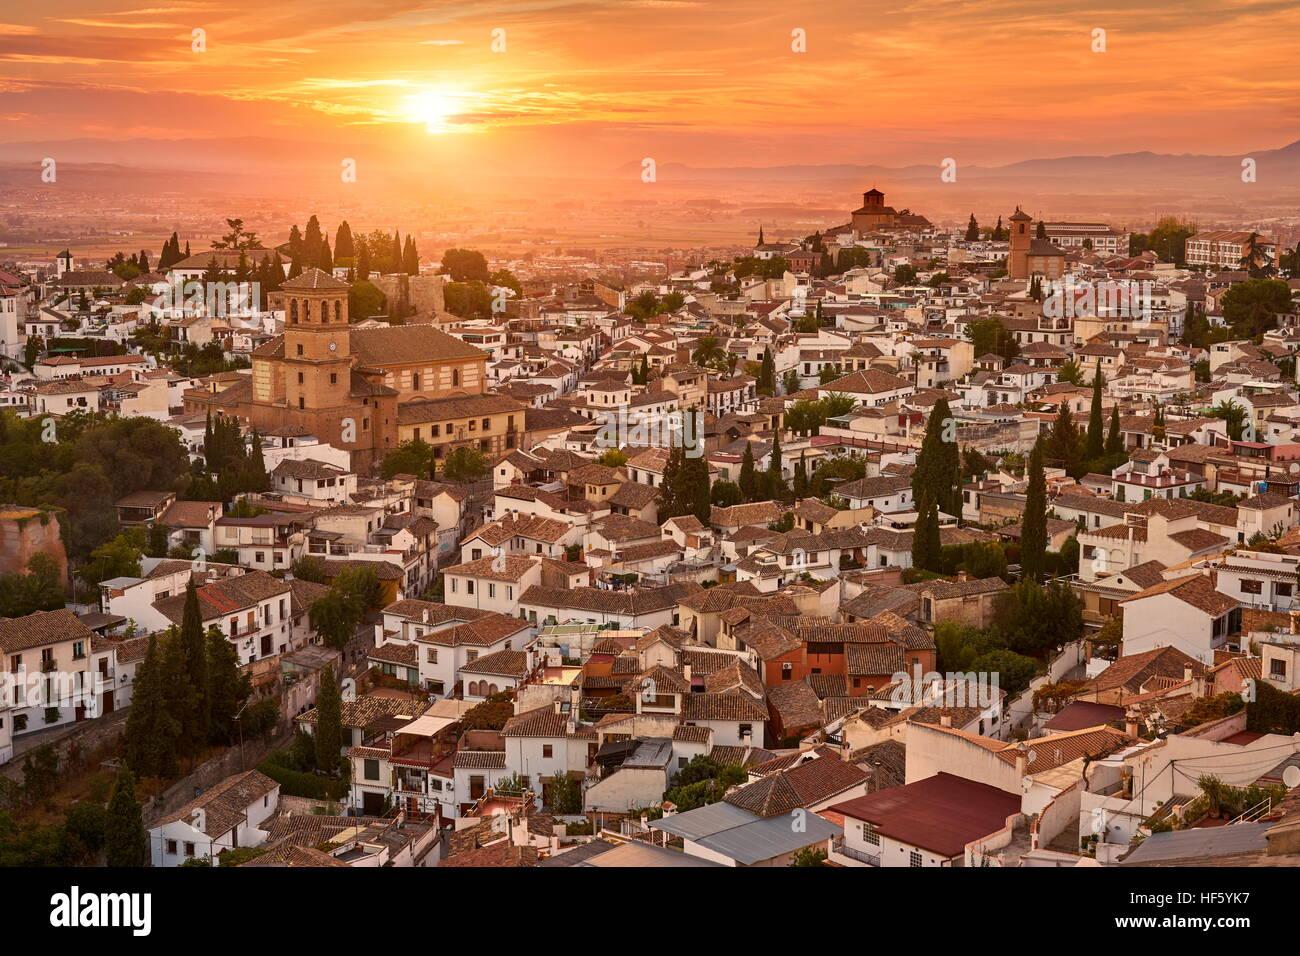 Puesta de sol paisaje urbano de Granada, Andalucía, España. Imagen De Stock